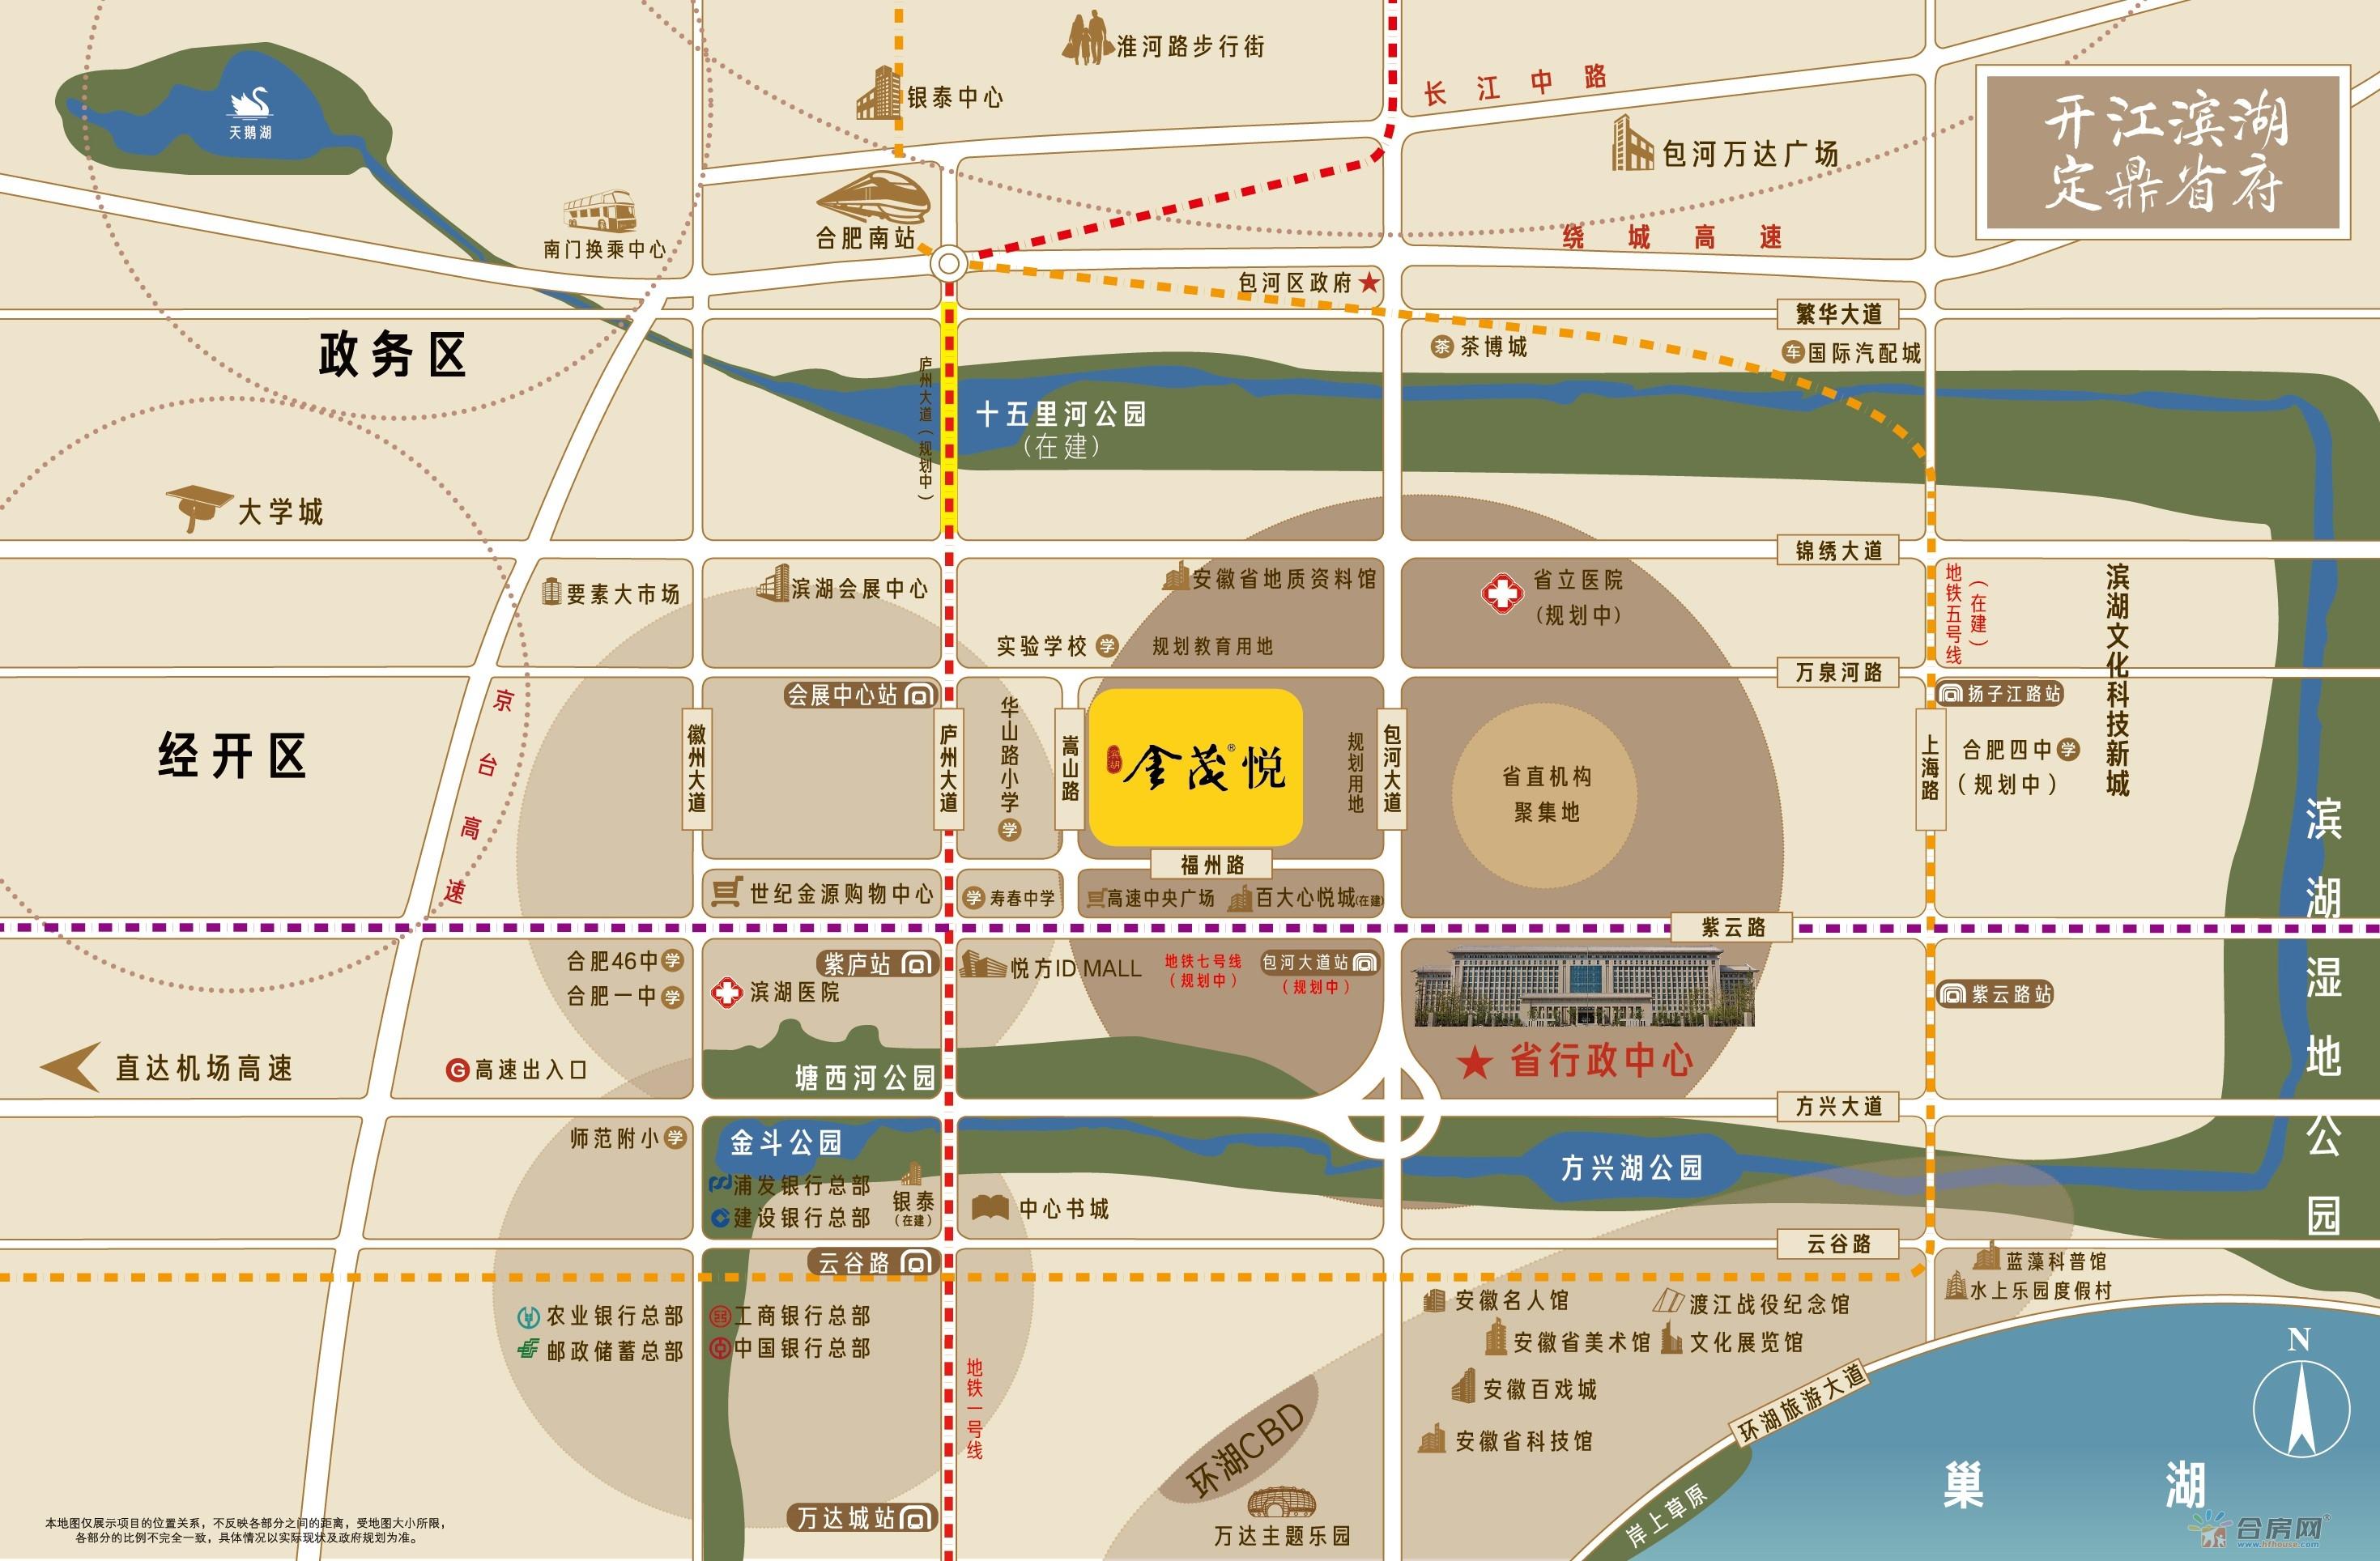 北雁湖·金茂湾交通图